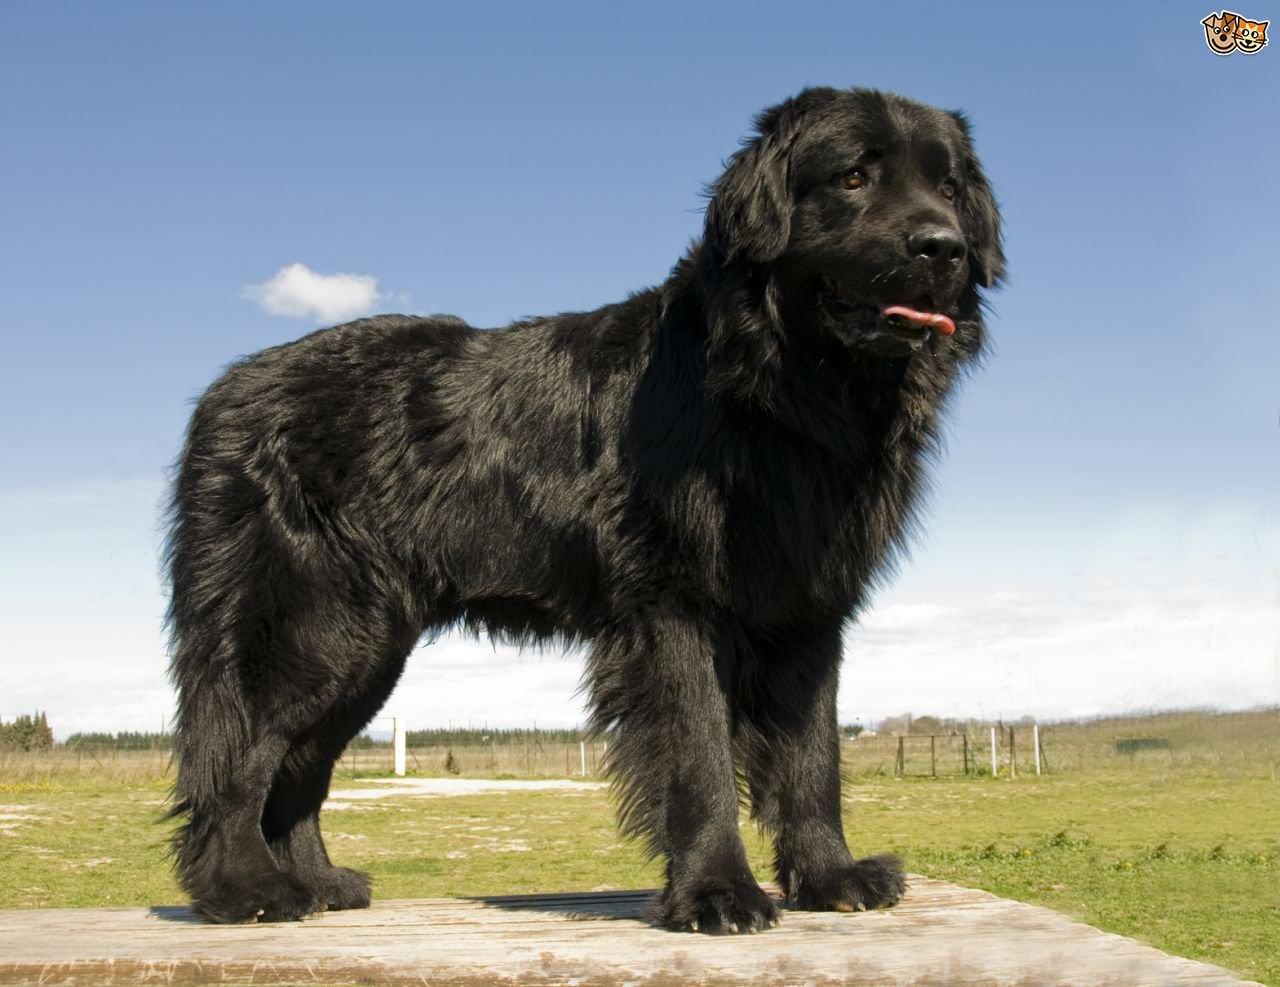 35 very beautiful newfoundland dog pictures - Black Lovely Newfoundland Dog